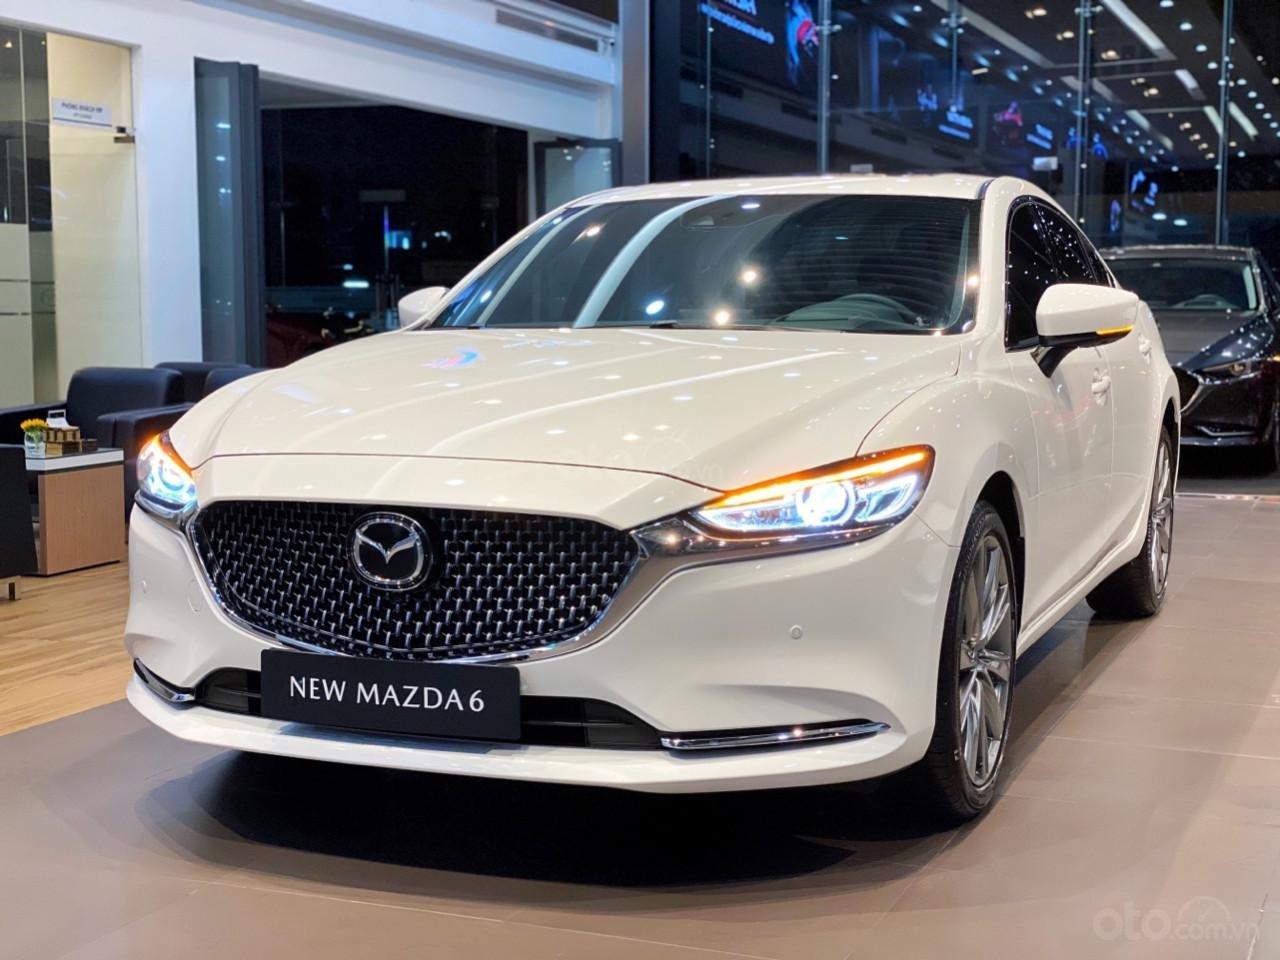 [Mazda Bình Tân - HCM] New Mazda 6 2020, giảm đến 20tr tiền mặt, tặng bộ phụ kiện chính hãng (7)